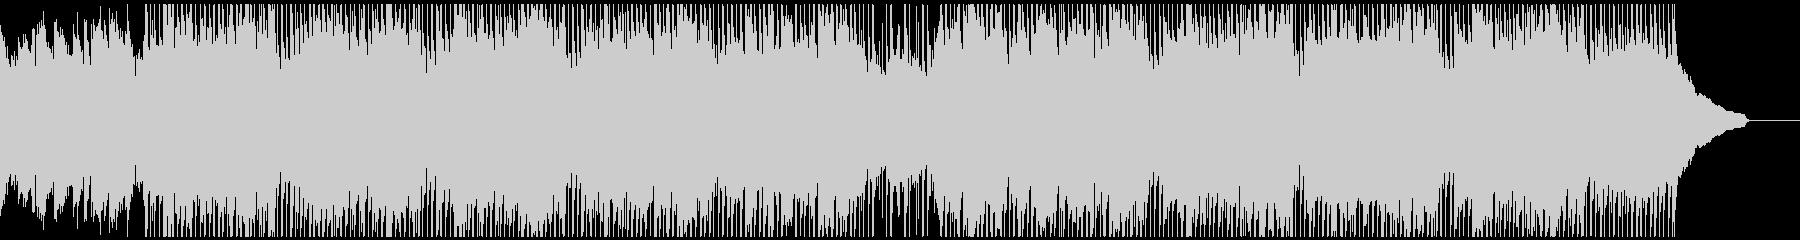 ものすごく集中したい時に流れる曲の未再生の波形